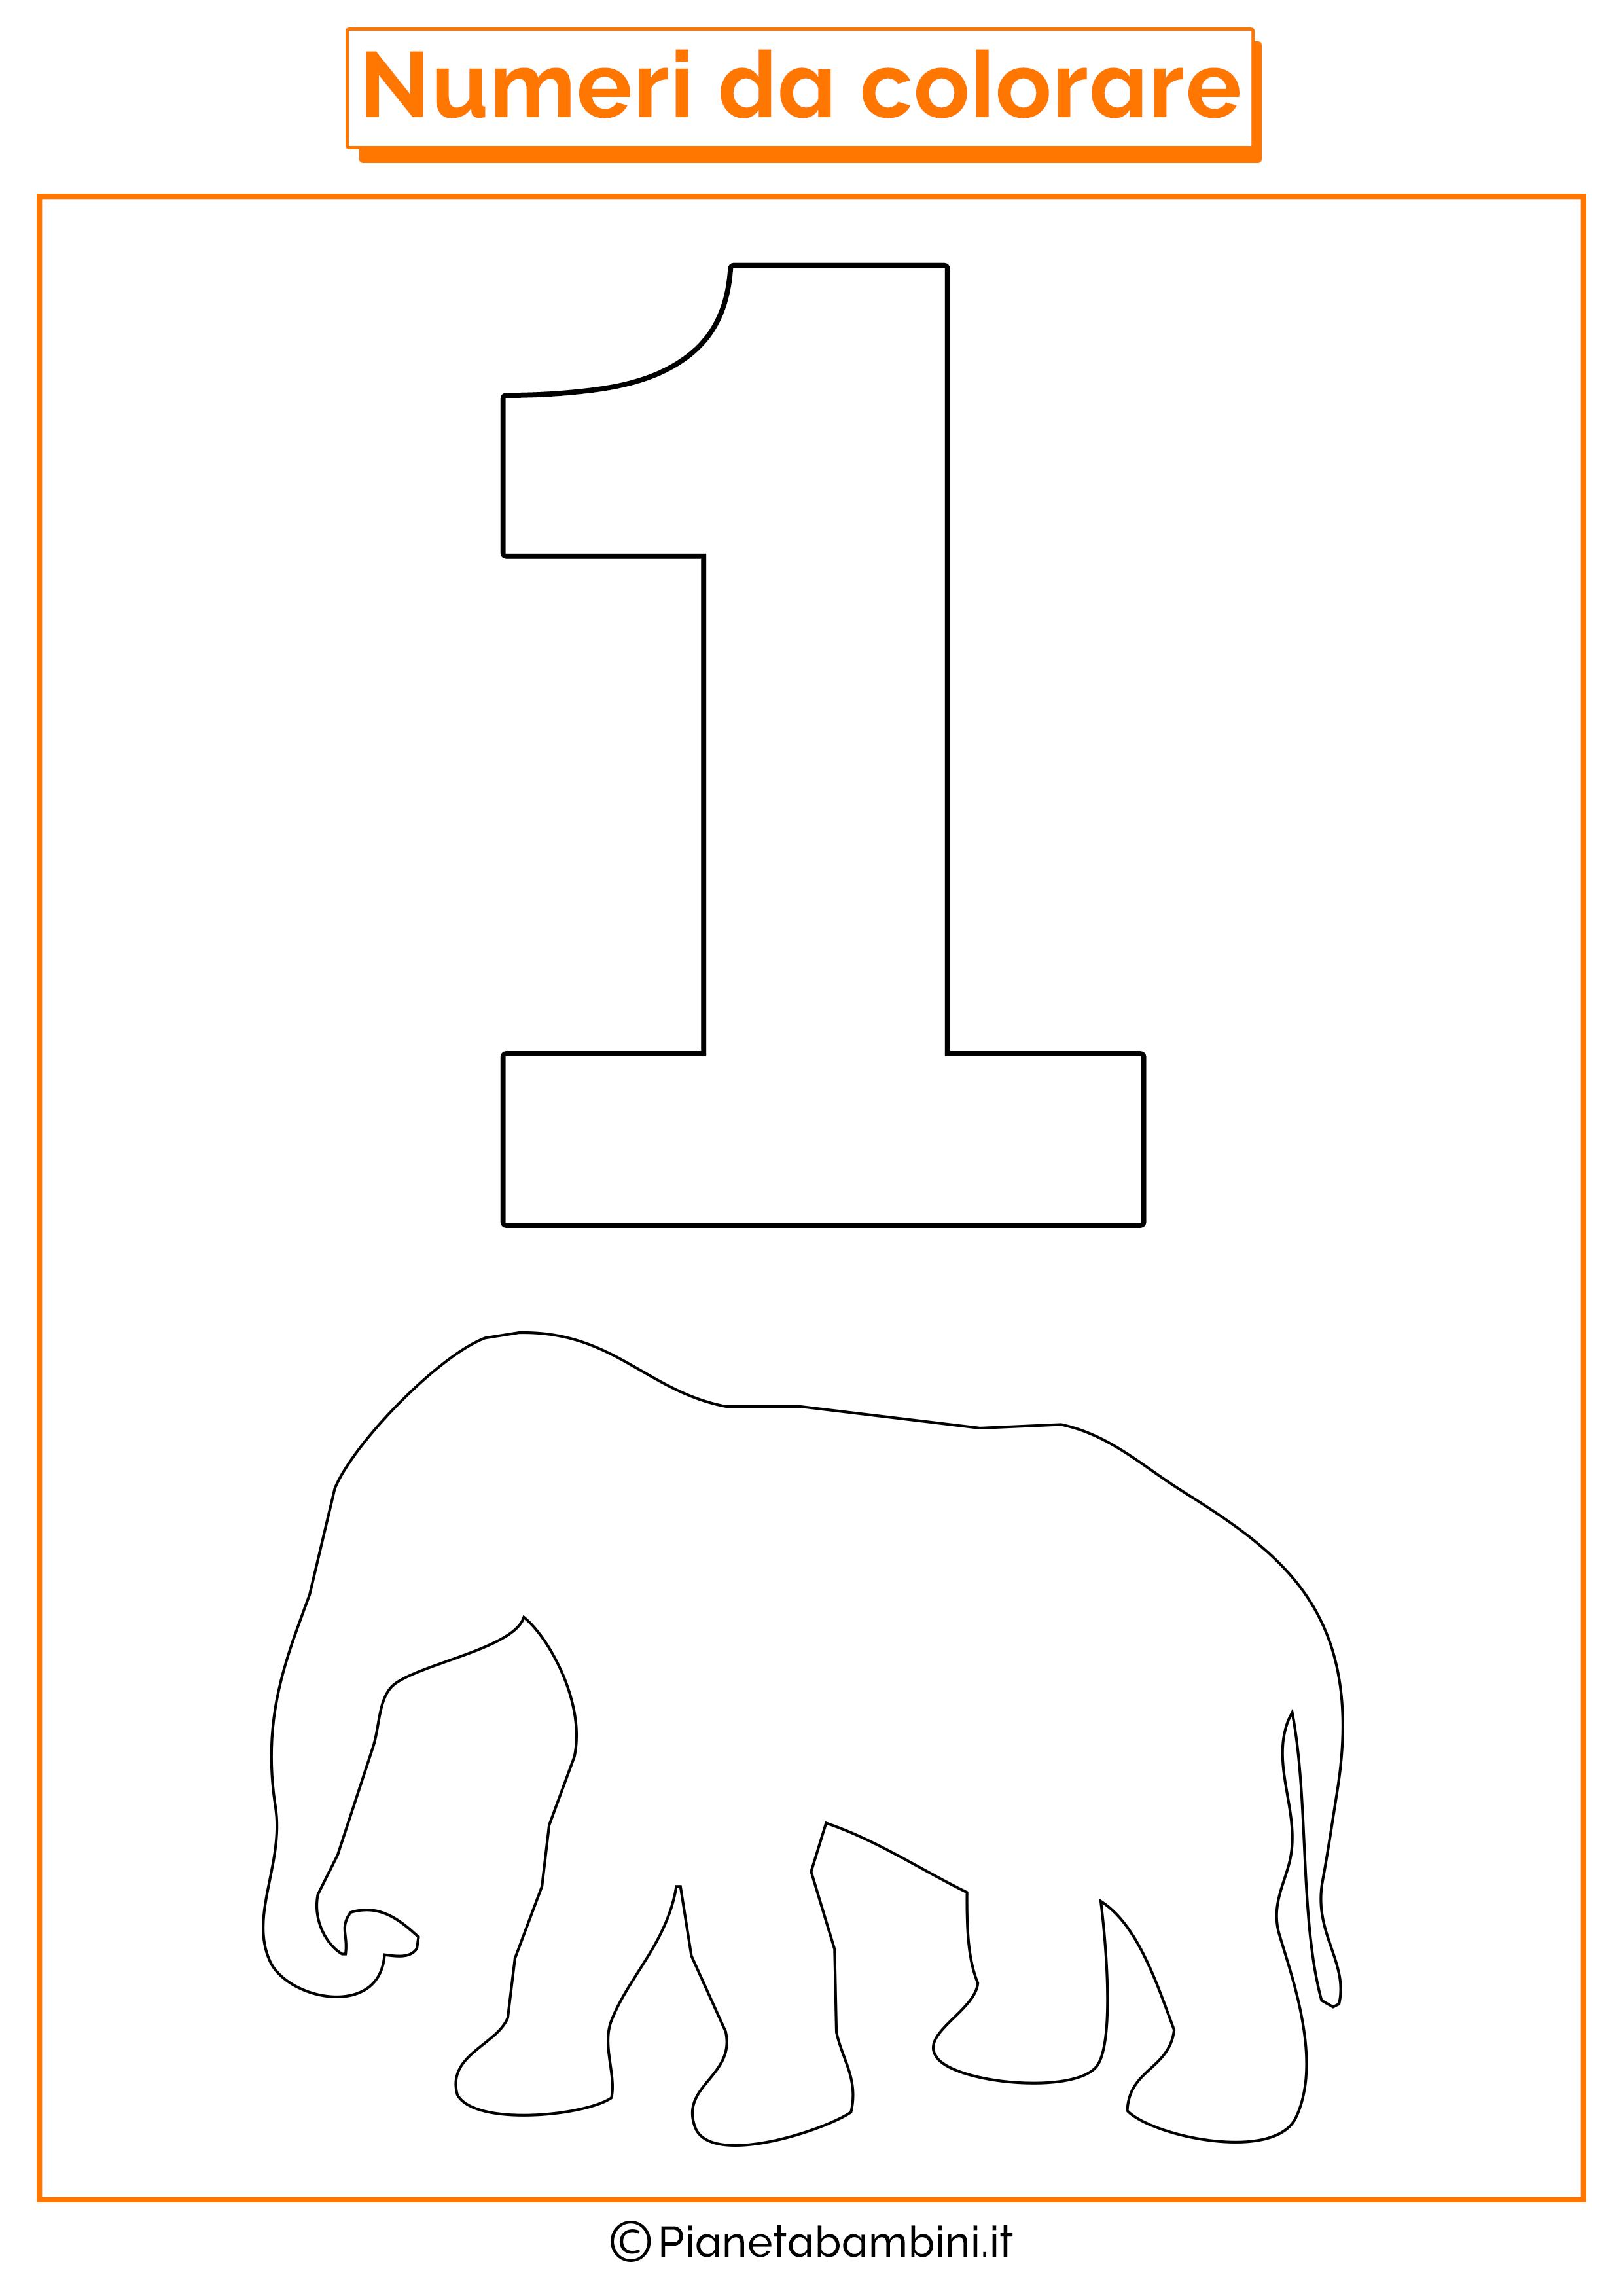 Numeri da stampare colorare e ritagliare per bambini - Numeri per tavoli da stampare ...